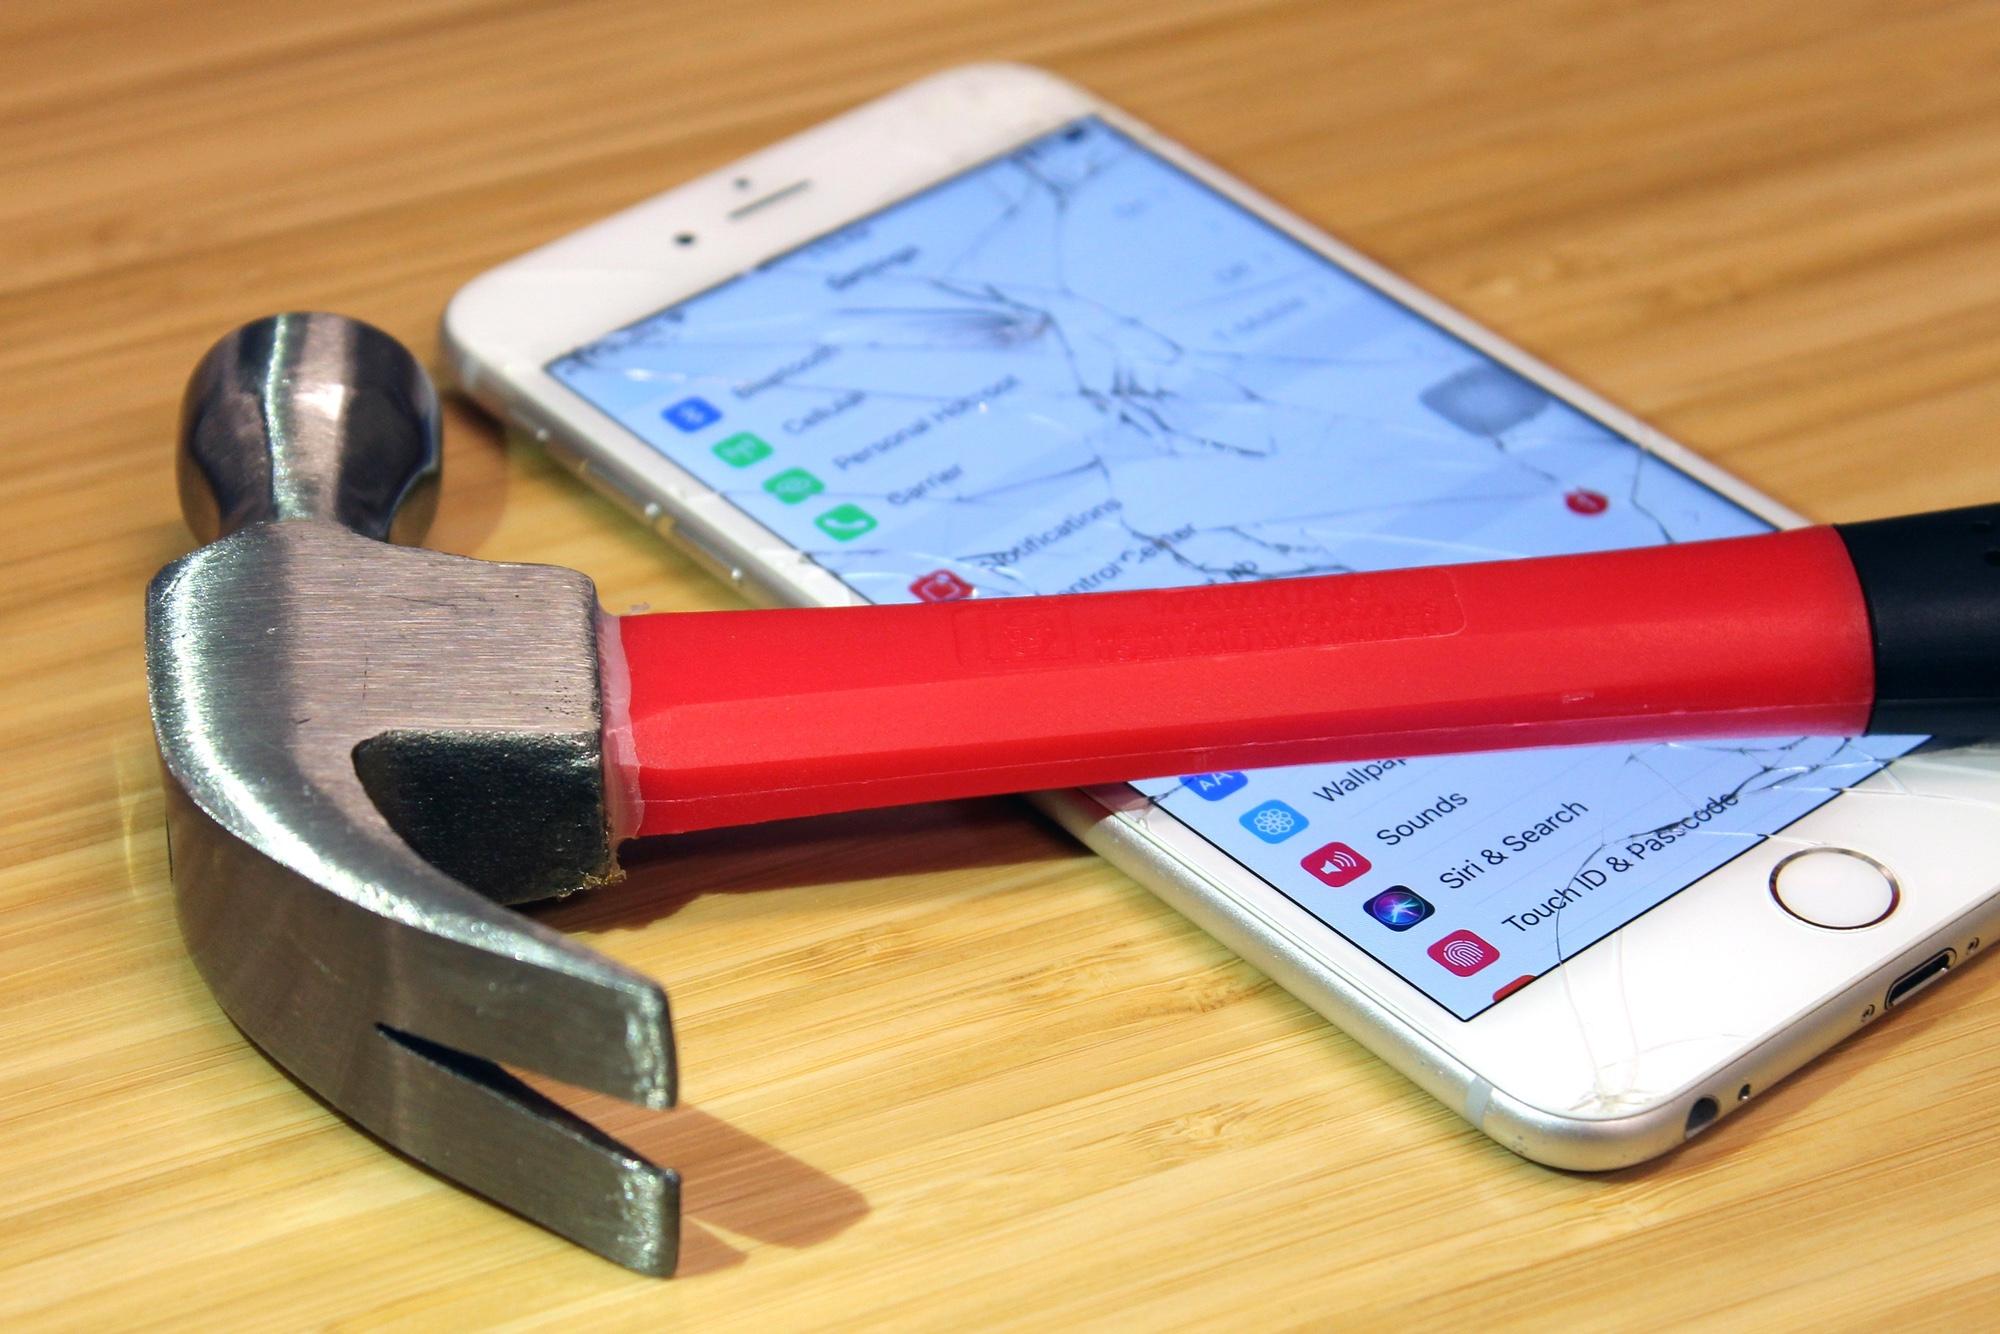 Foto: iPhone, das mit einem Hammer sichtbar beschädigt wurde